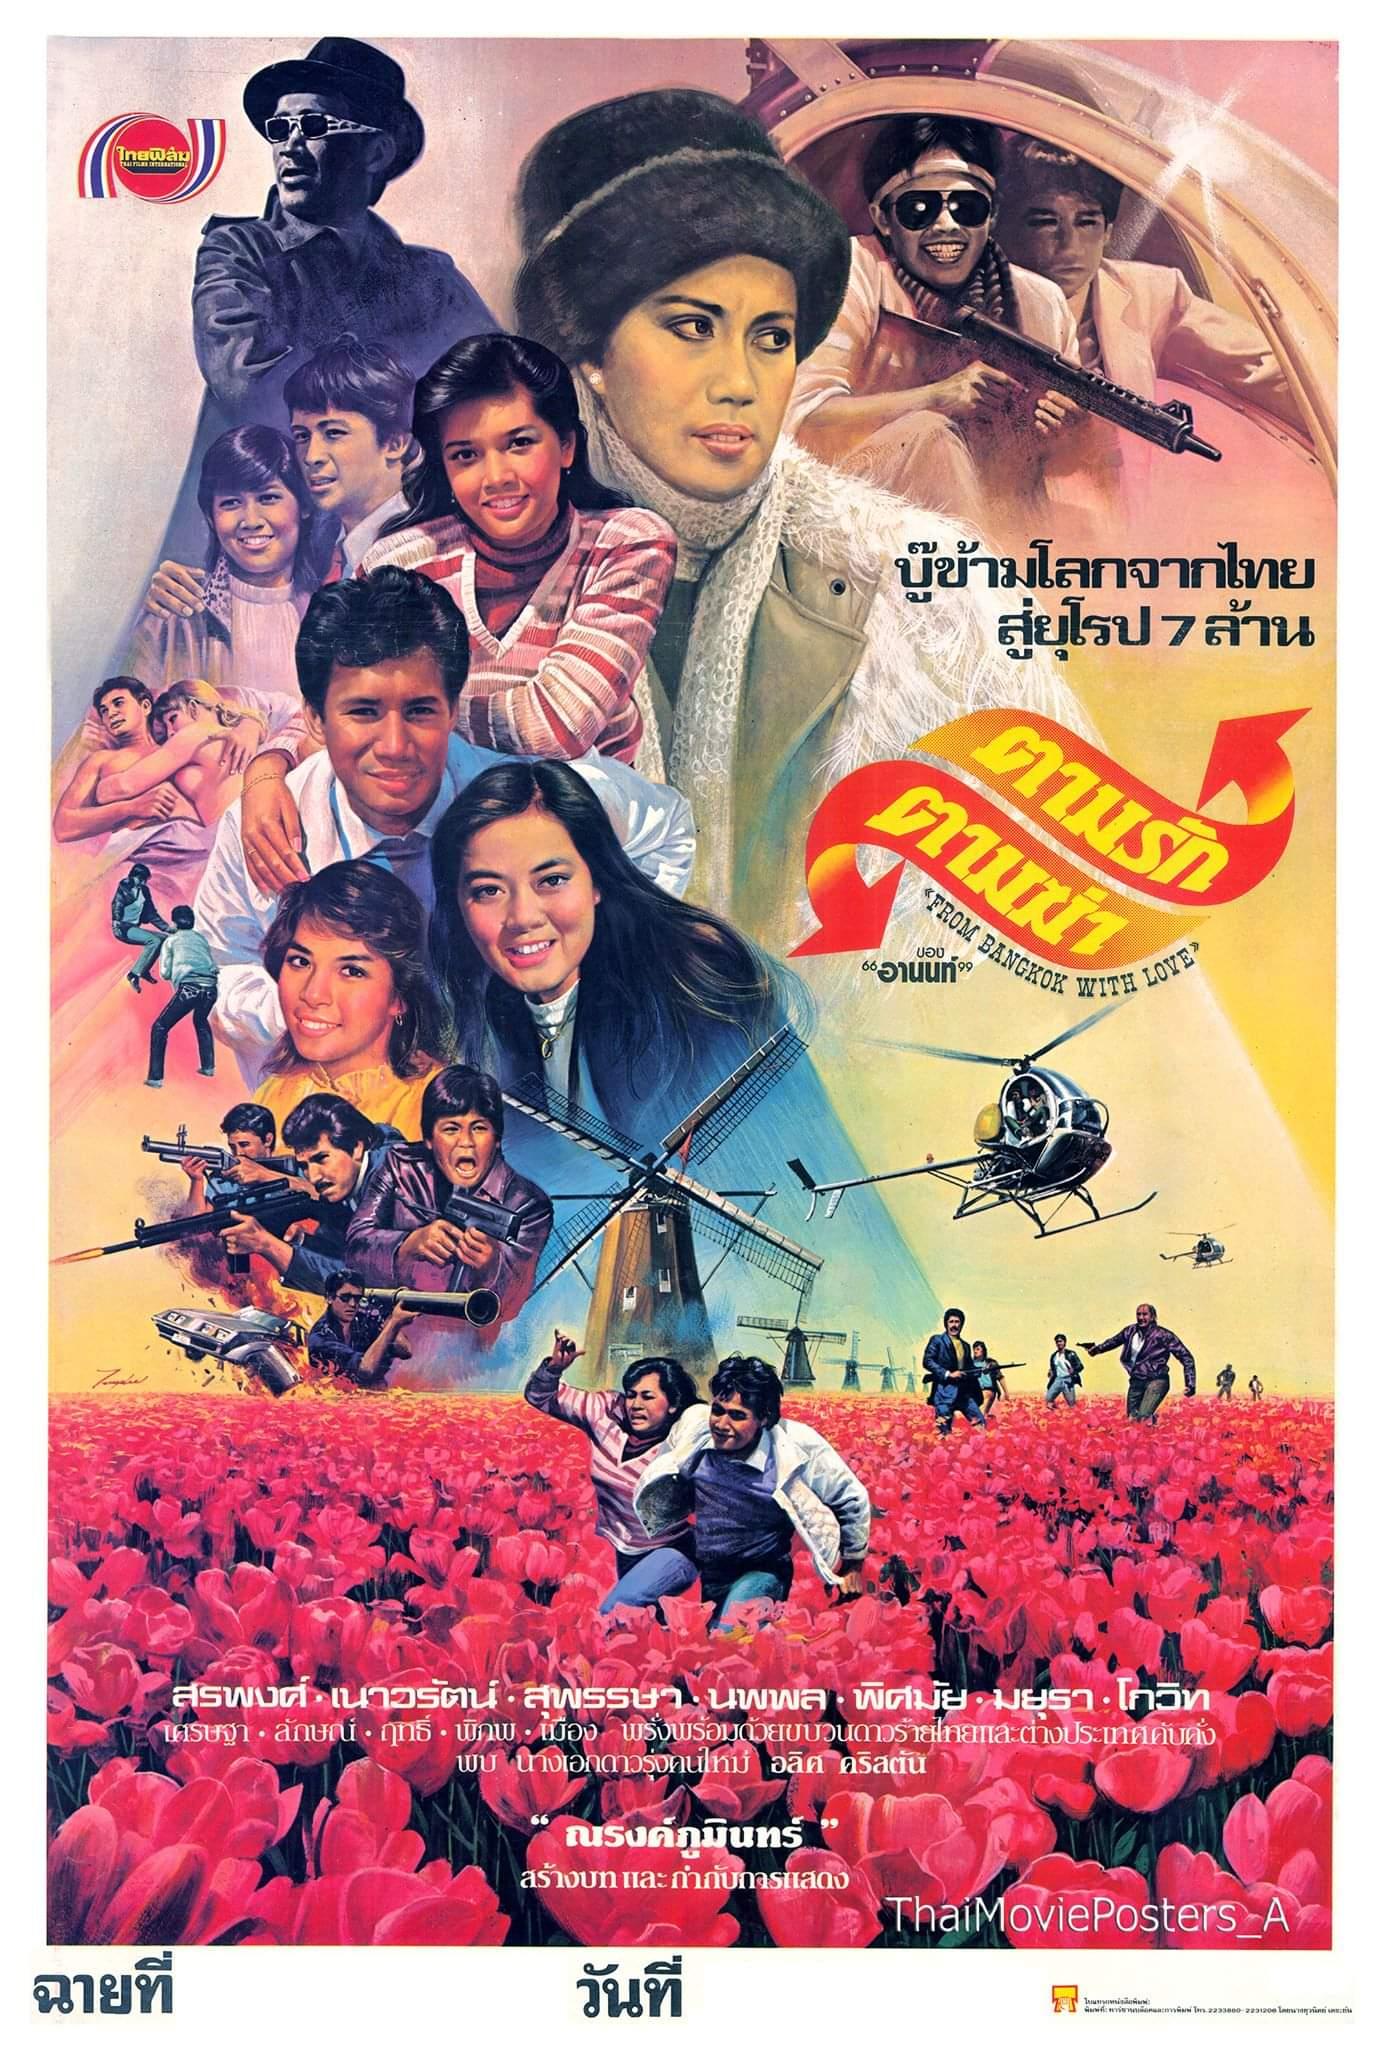 ดูหนังออนไลน์ฟรี ตามรักตามฆ่า (1982)